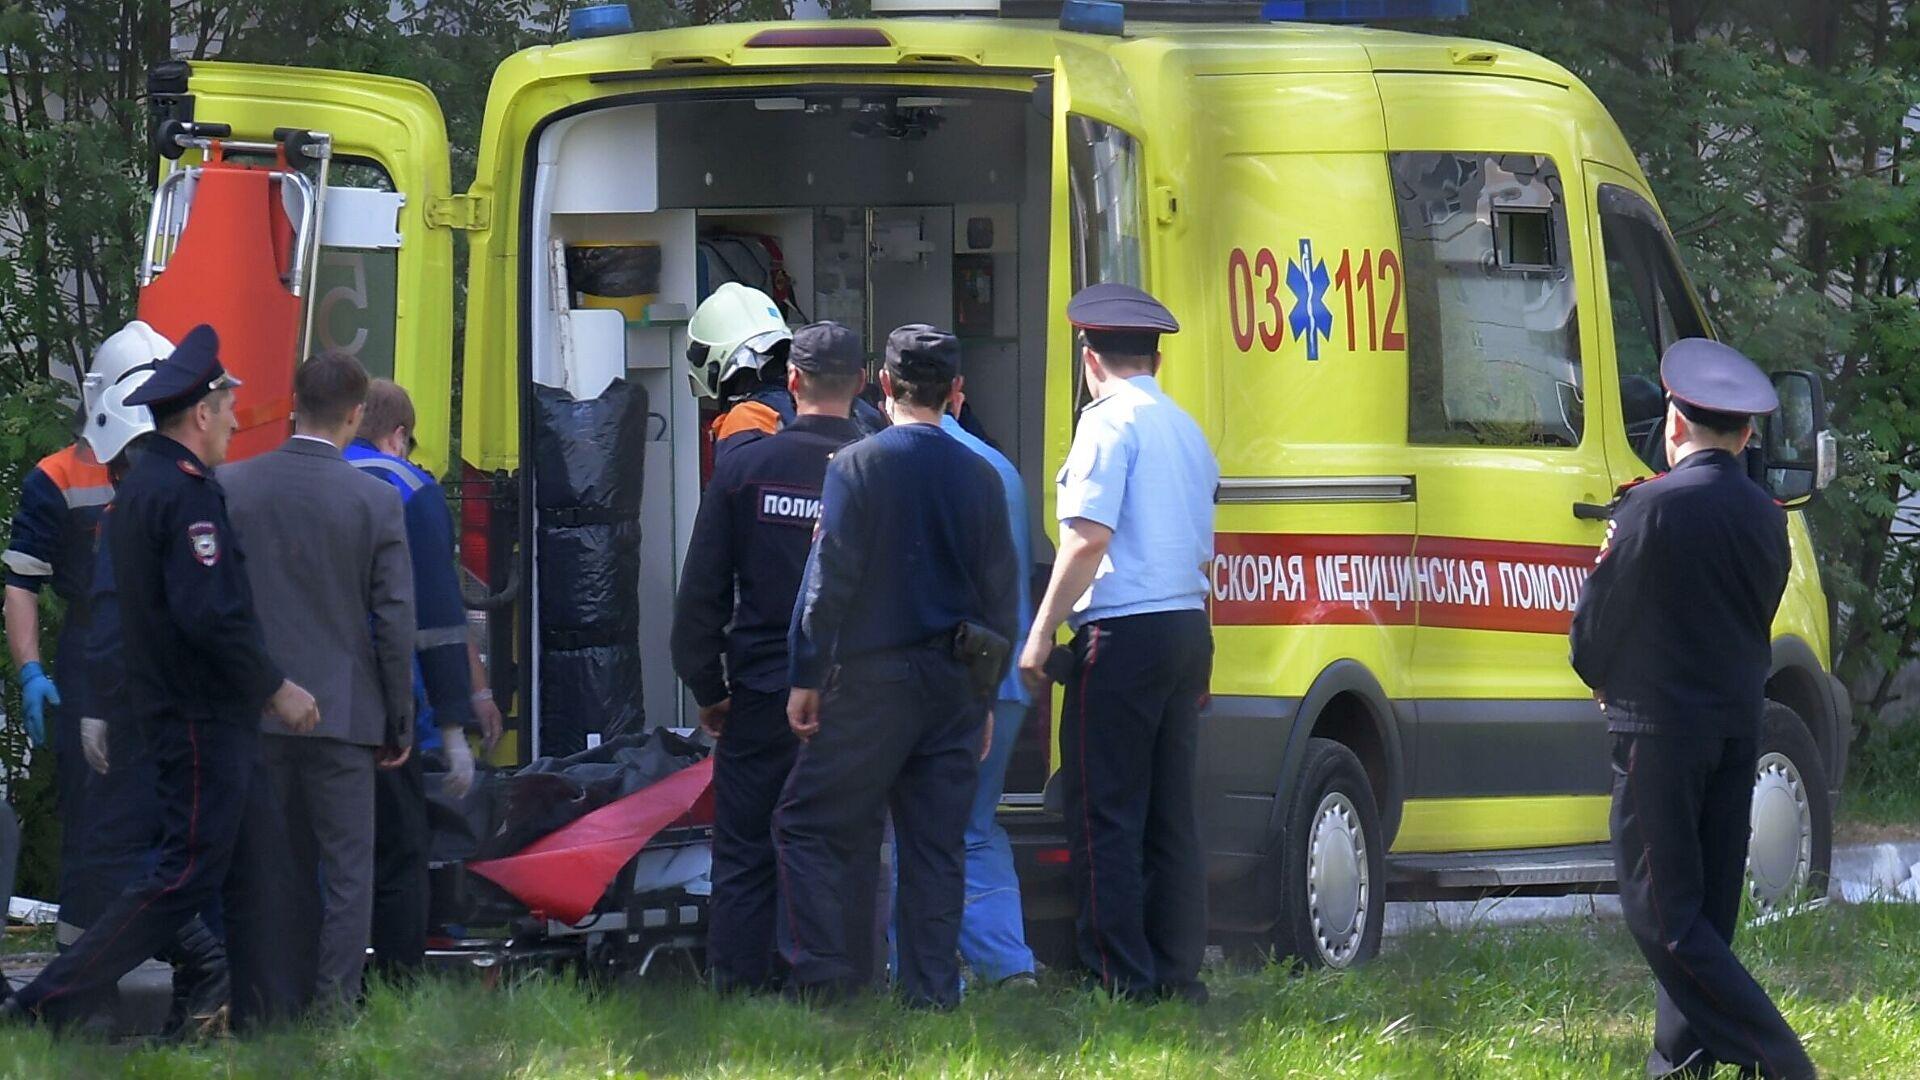 Погибло семеро детей и двое взрослых: что известно о стрельбе в одной из школ Казани - фото №3